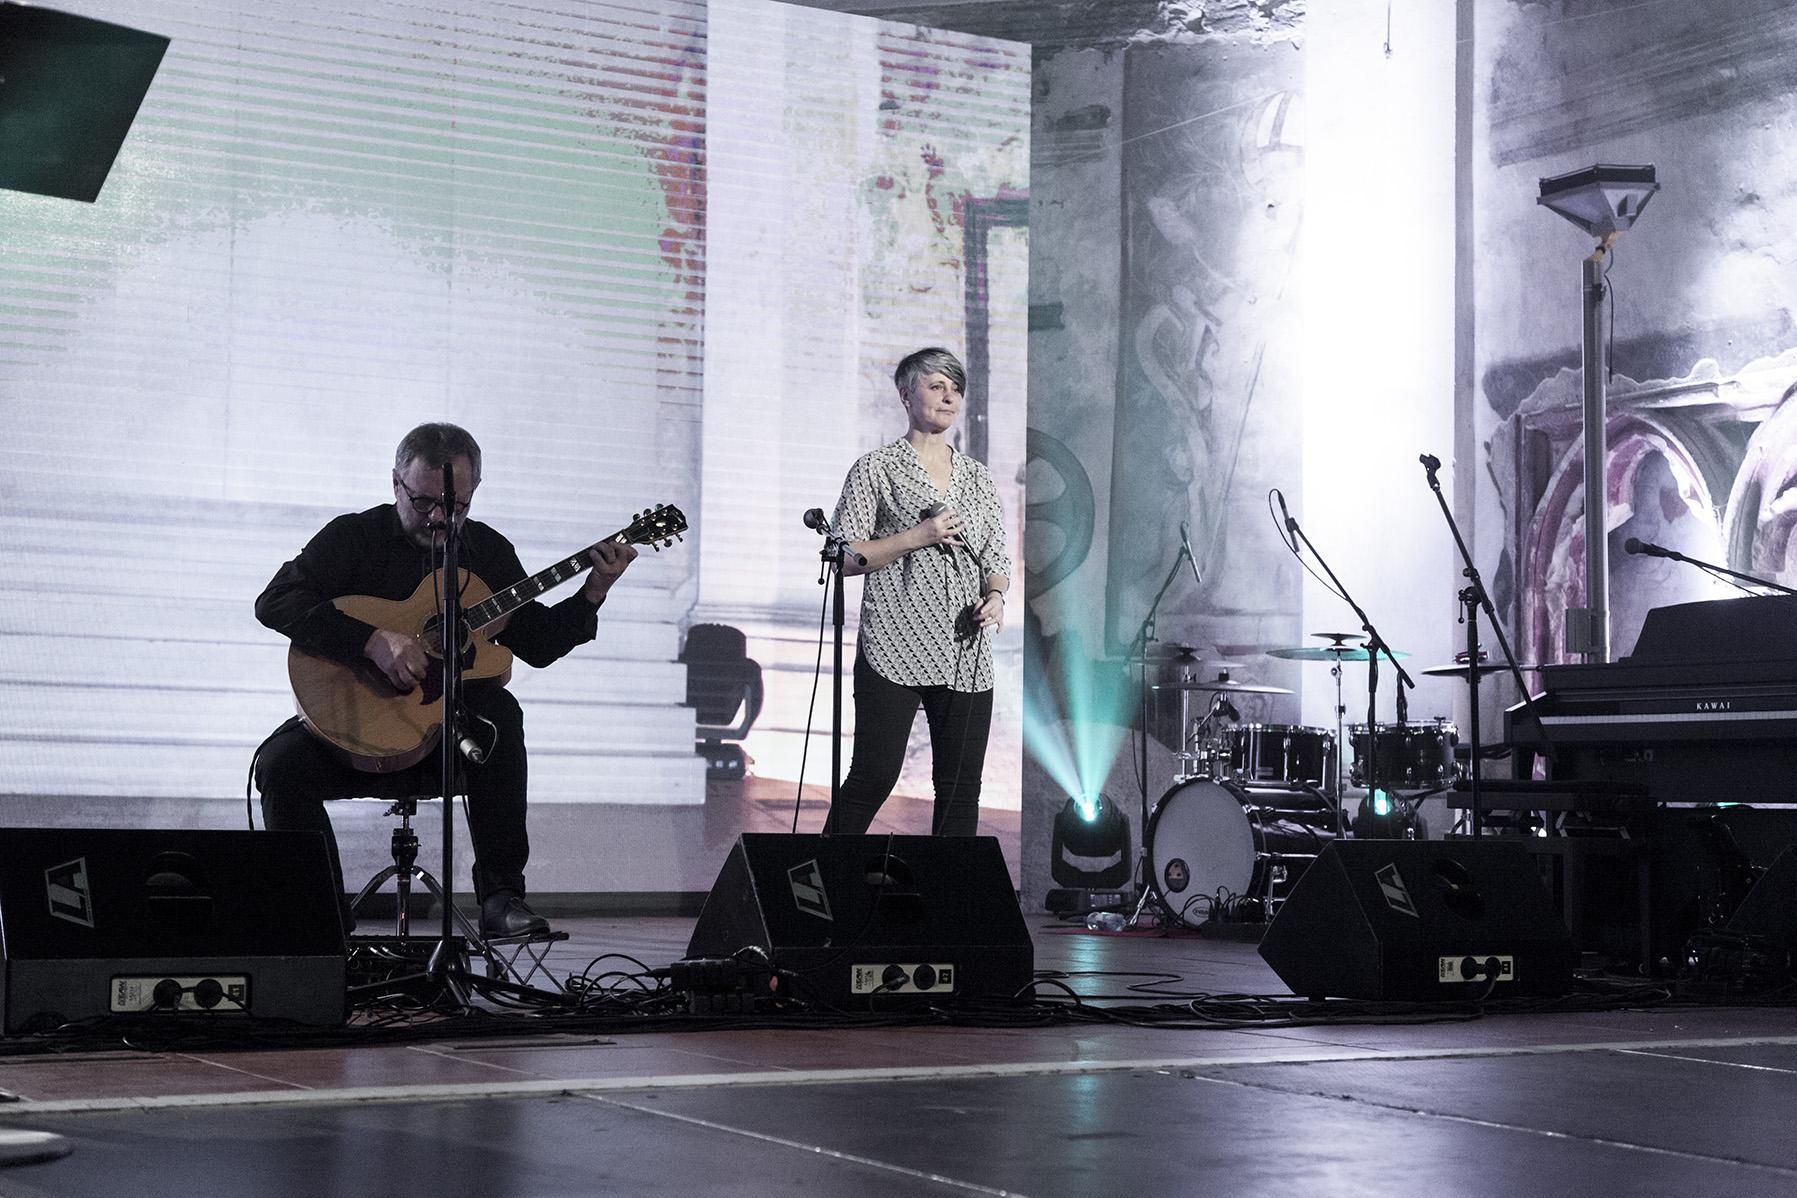 Během večera vystoupili Michal Pavlíček s Monikou Načevou.